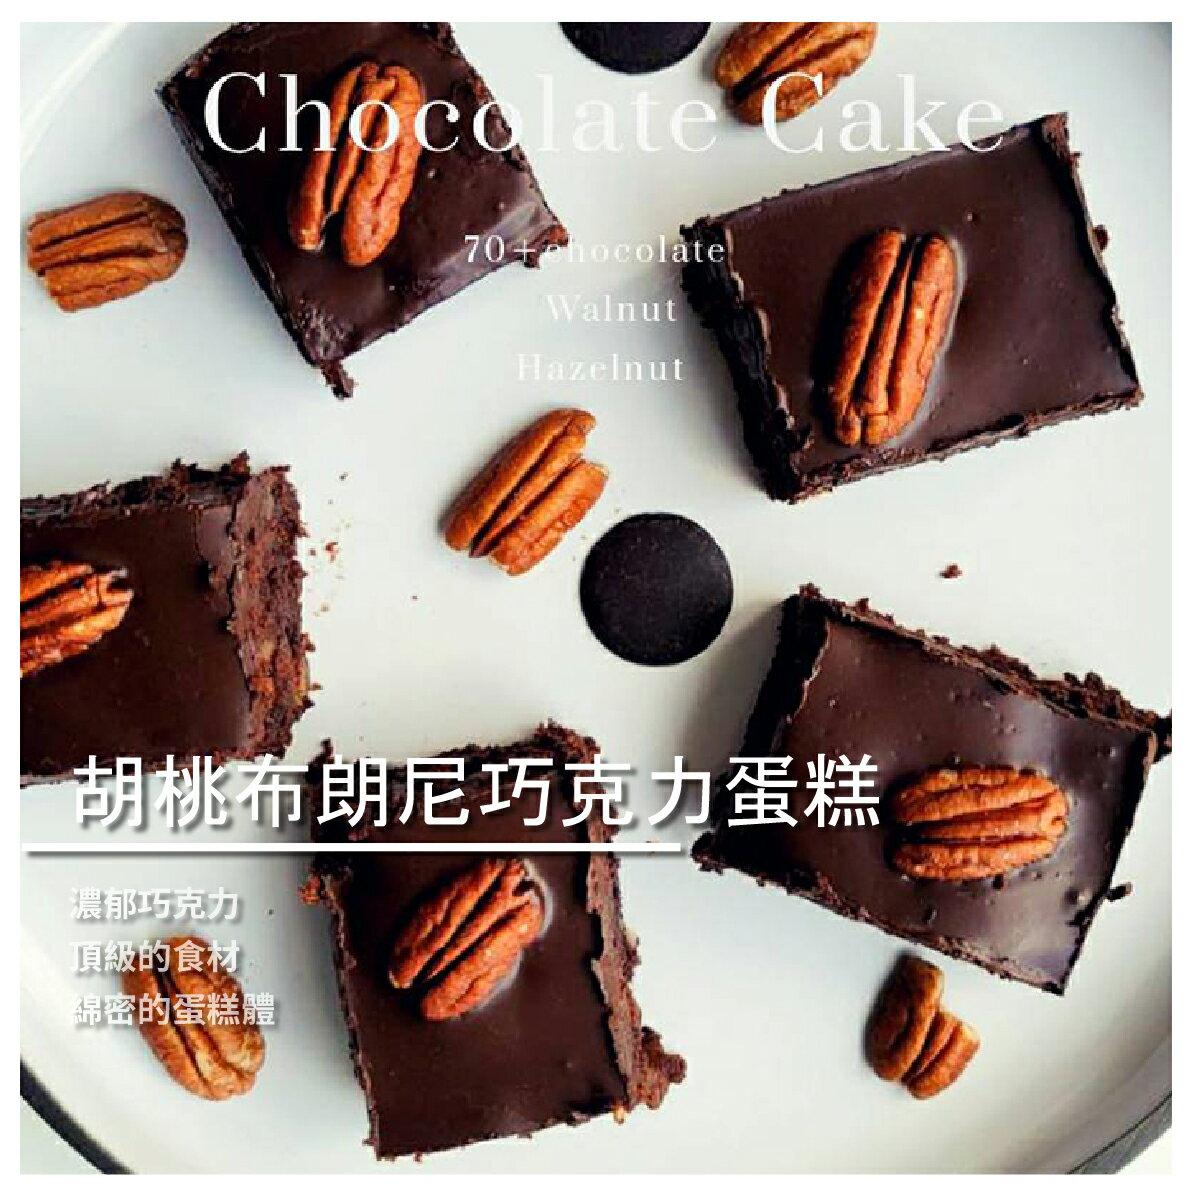 【鮮日嚐四季餐桌料理】胡桃布朗尼巧克力蛋糕/3入/盒